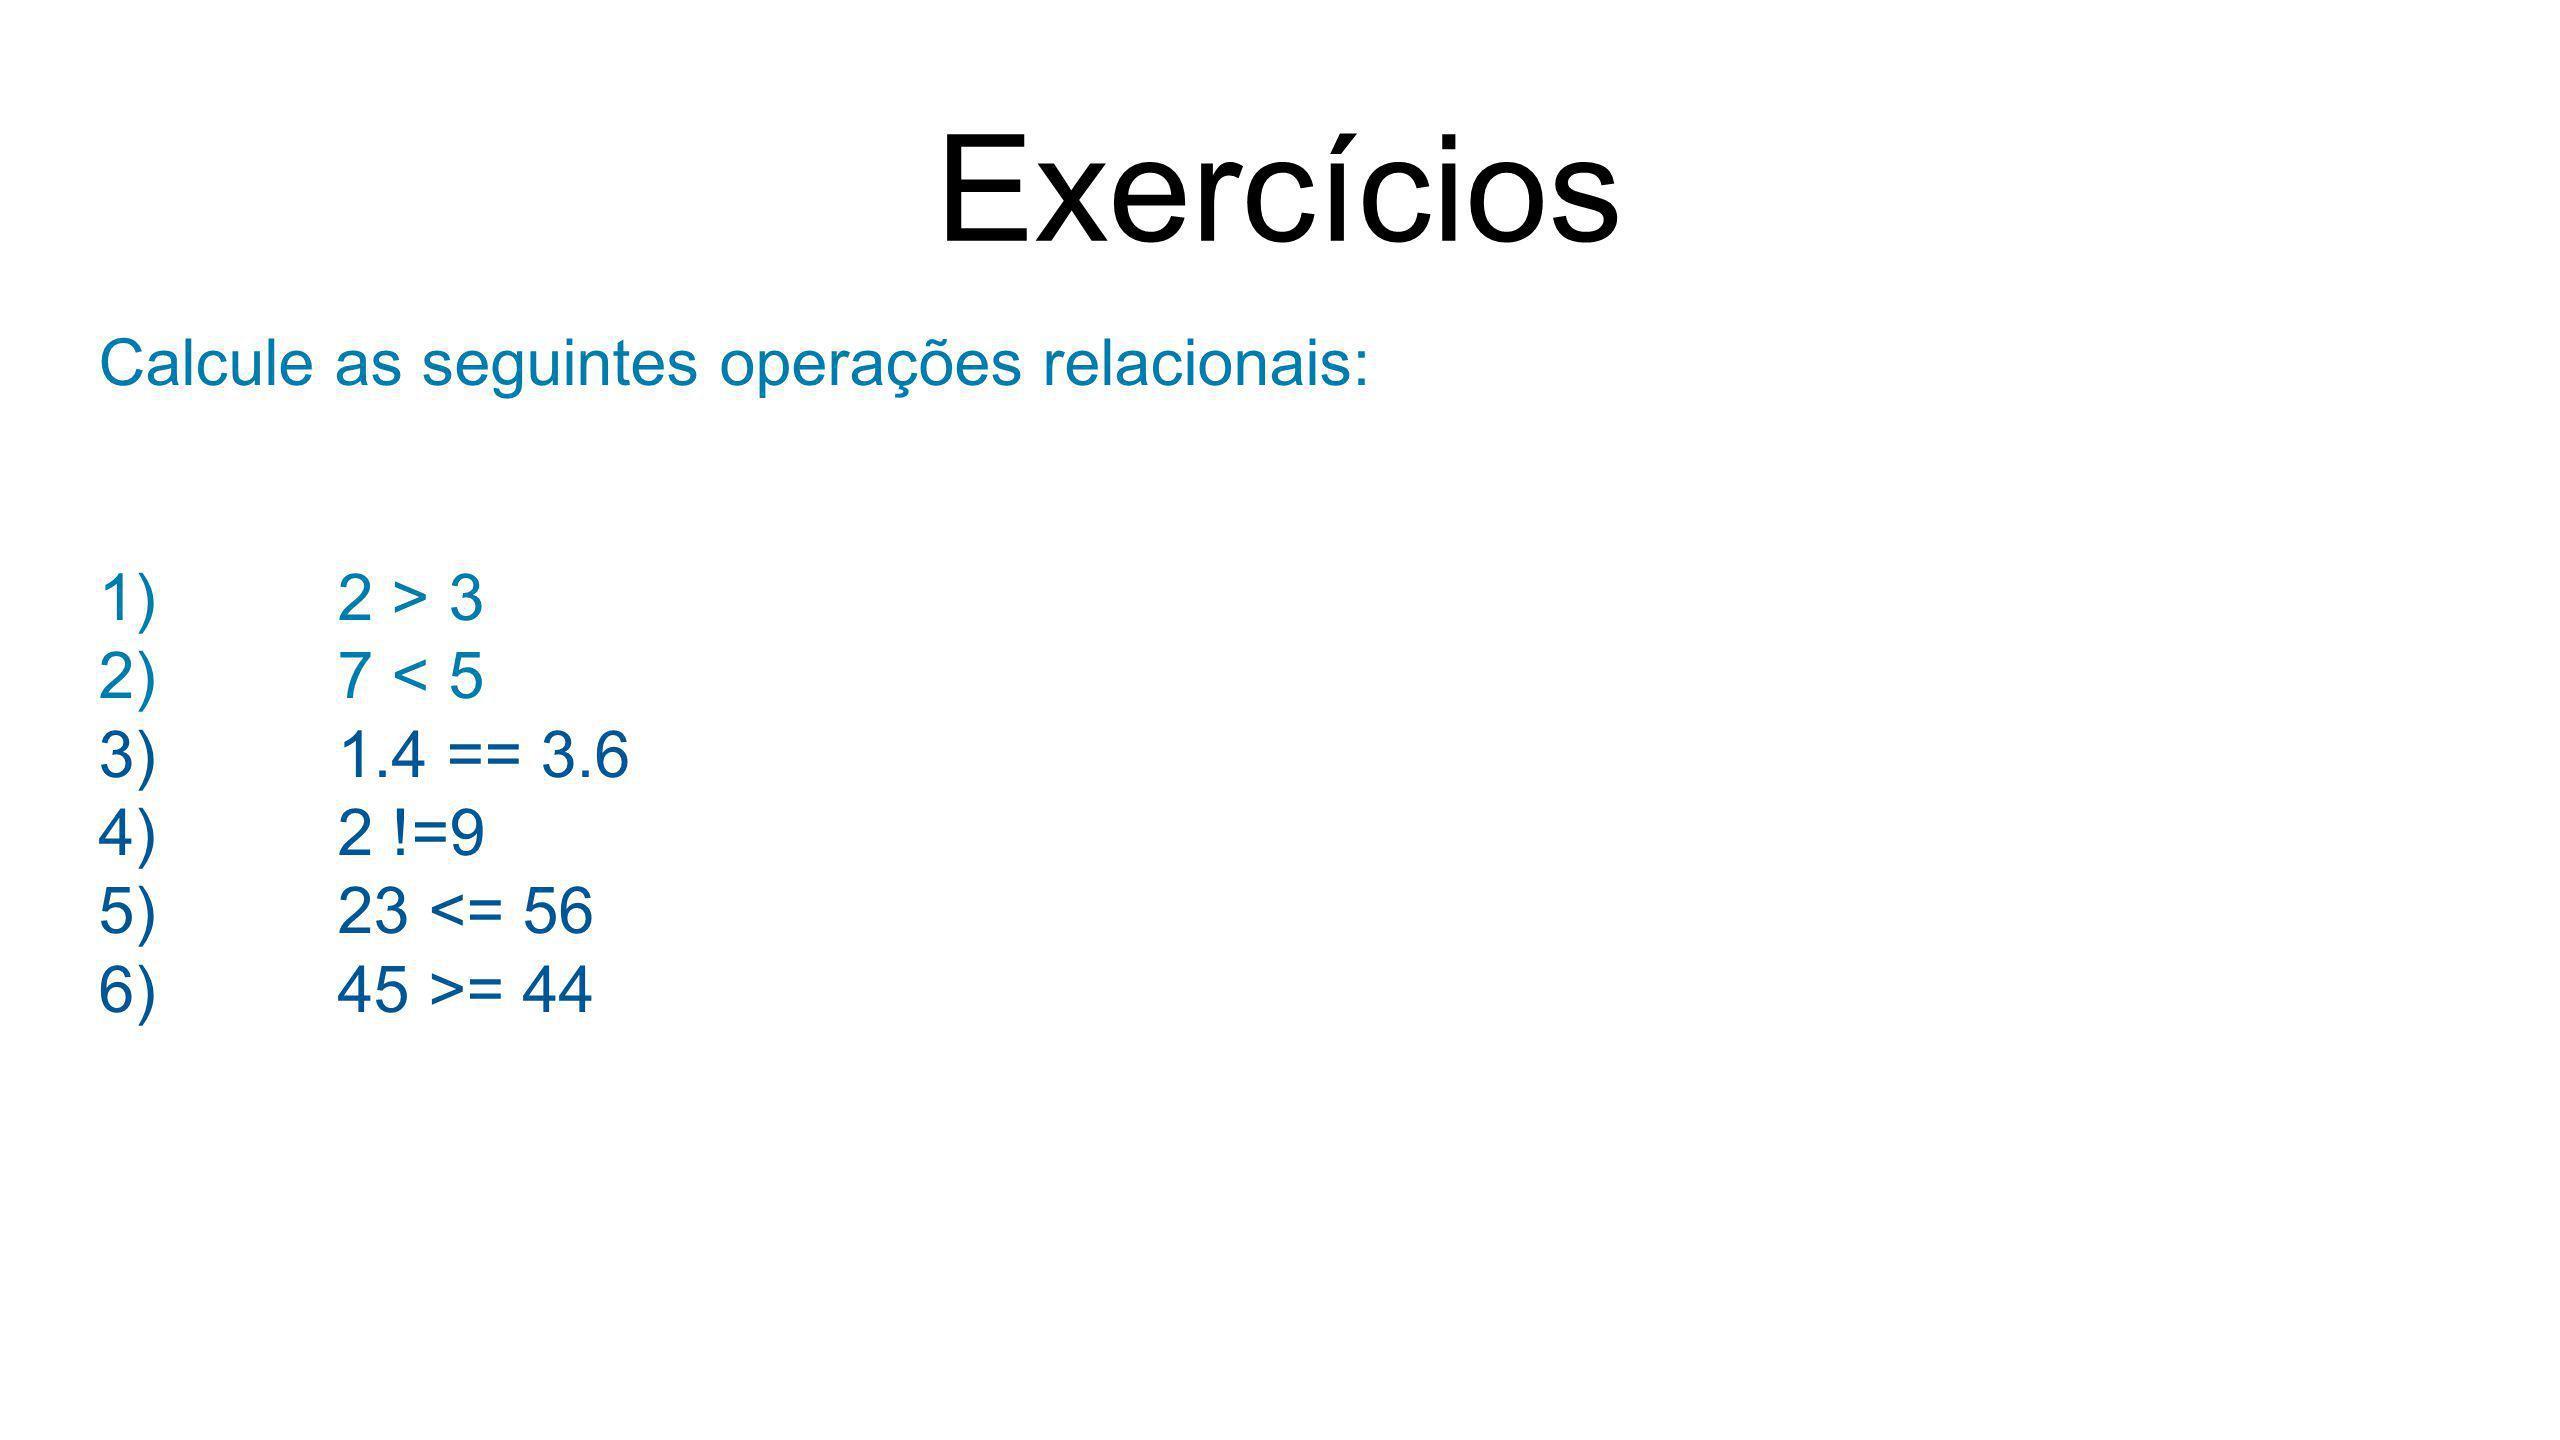 Exercícios Calcule as seguintes operações relacionais: 1)2 > 3 2)7 < 5 3)1.4 == 3.6 4)2 !=9 5)23 <= 56 6)45 >= 44